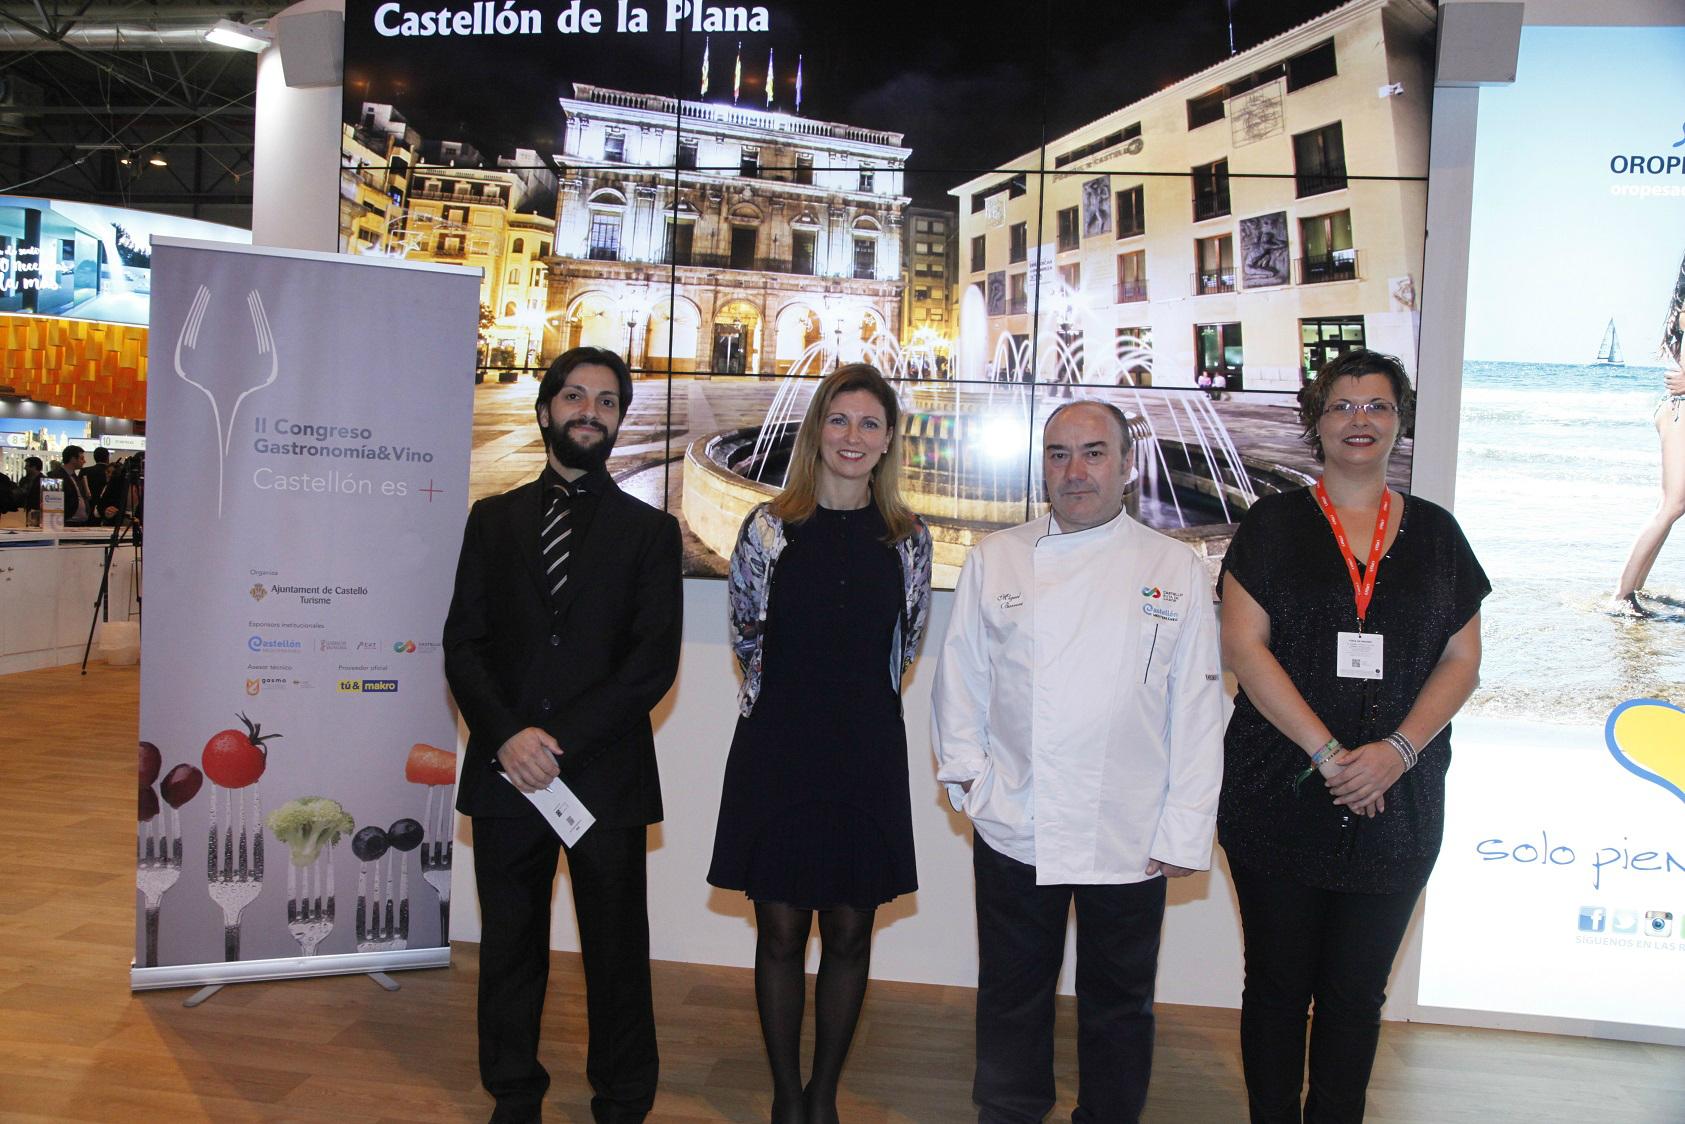 Cinc xefs amb Estrella Michelín participaran en el II Congrés de Gastronomía&Vi